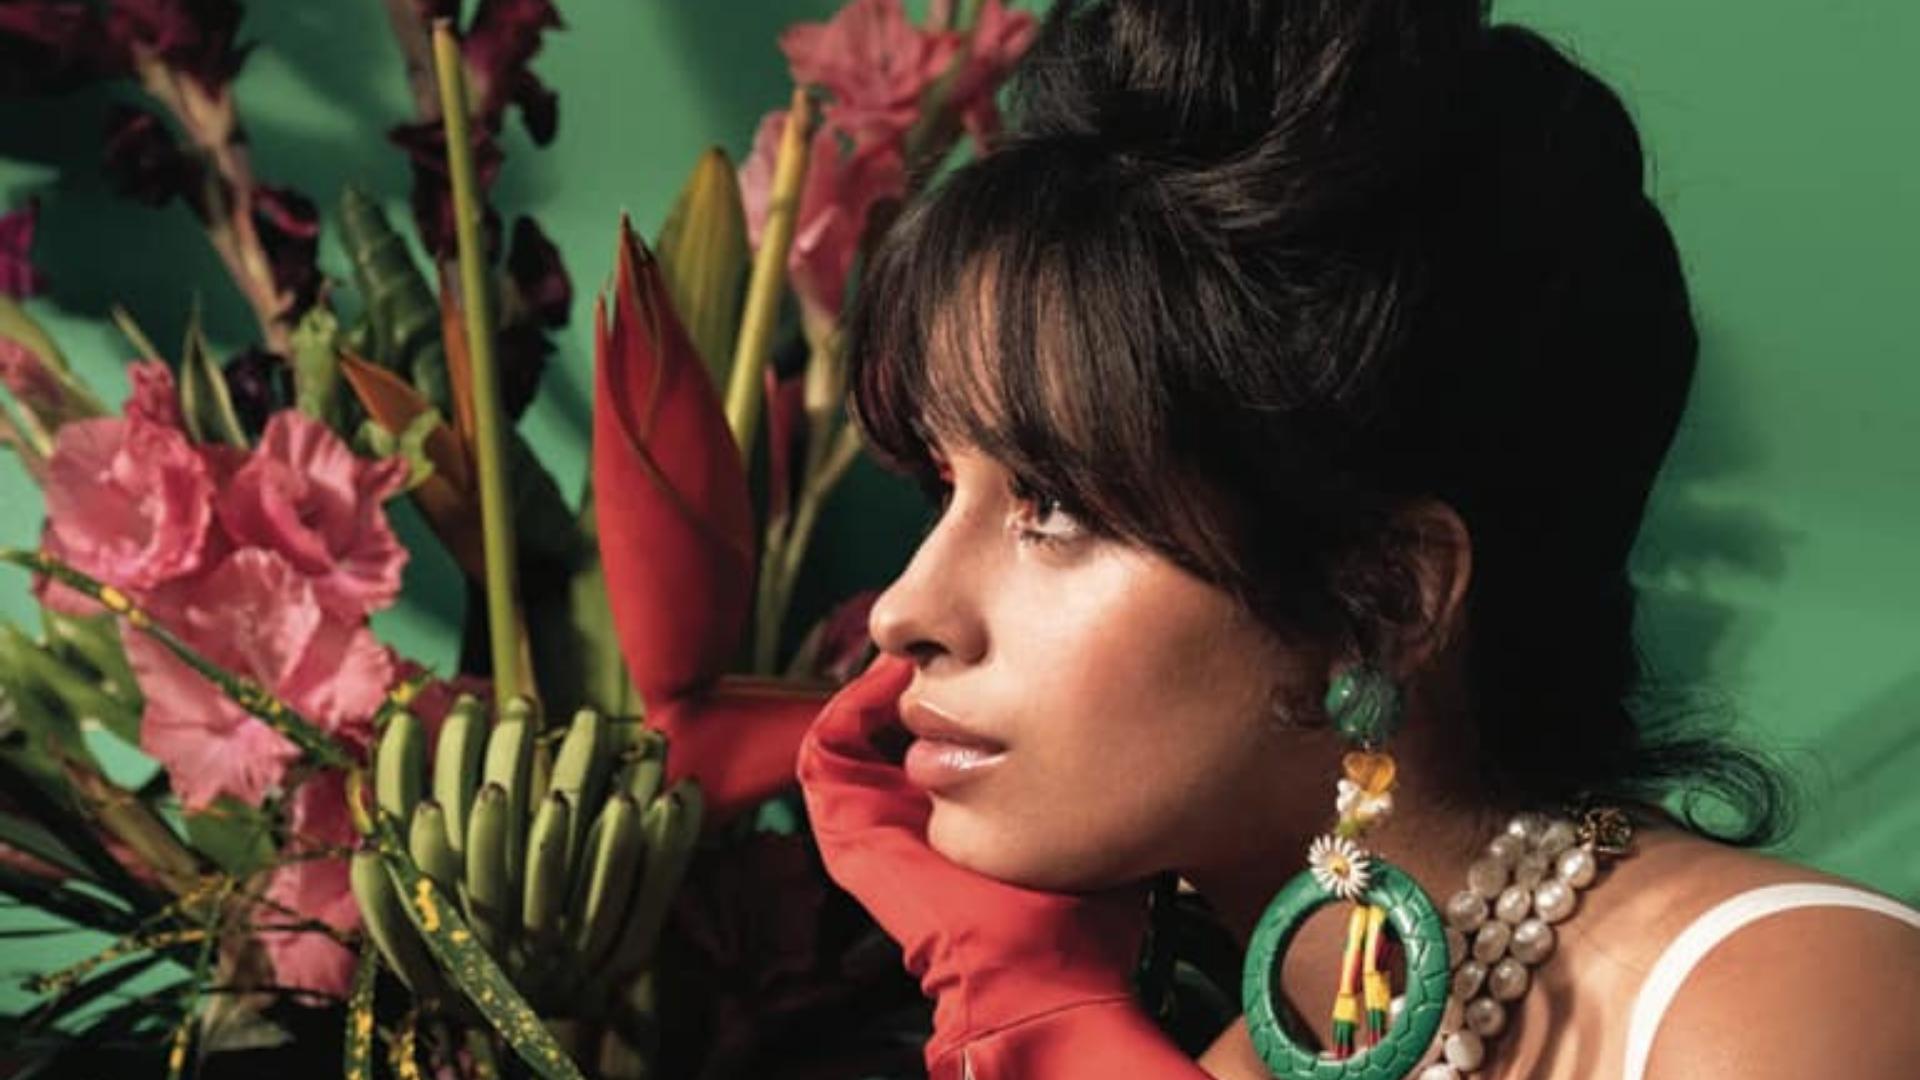 """Camila Cabello, la tres veces nominada a los premios Grammy, lanza su nuevo single """"Don't Go Yet"""". Esta canción fue escrita por Camila, Scott Harris, Ricky Reed y Mike Sabath. Y de igual forma, fue producida por Mike Sabath y Ricky Reed e incluye percusión en vivo por el aclamado baterista cubano, Pedrito Martínez."""